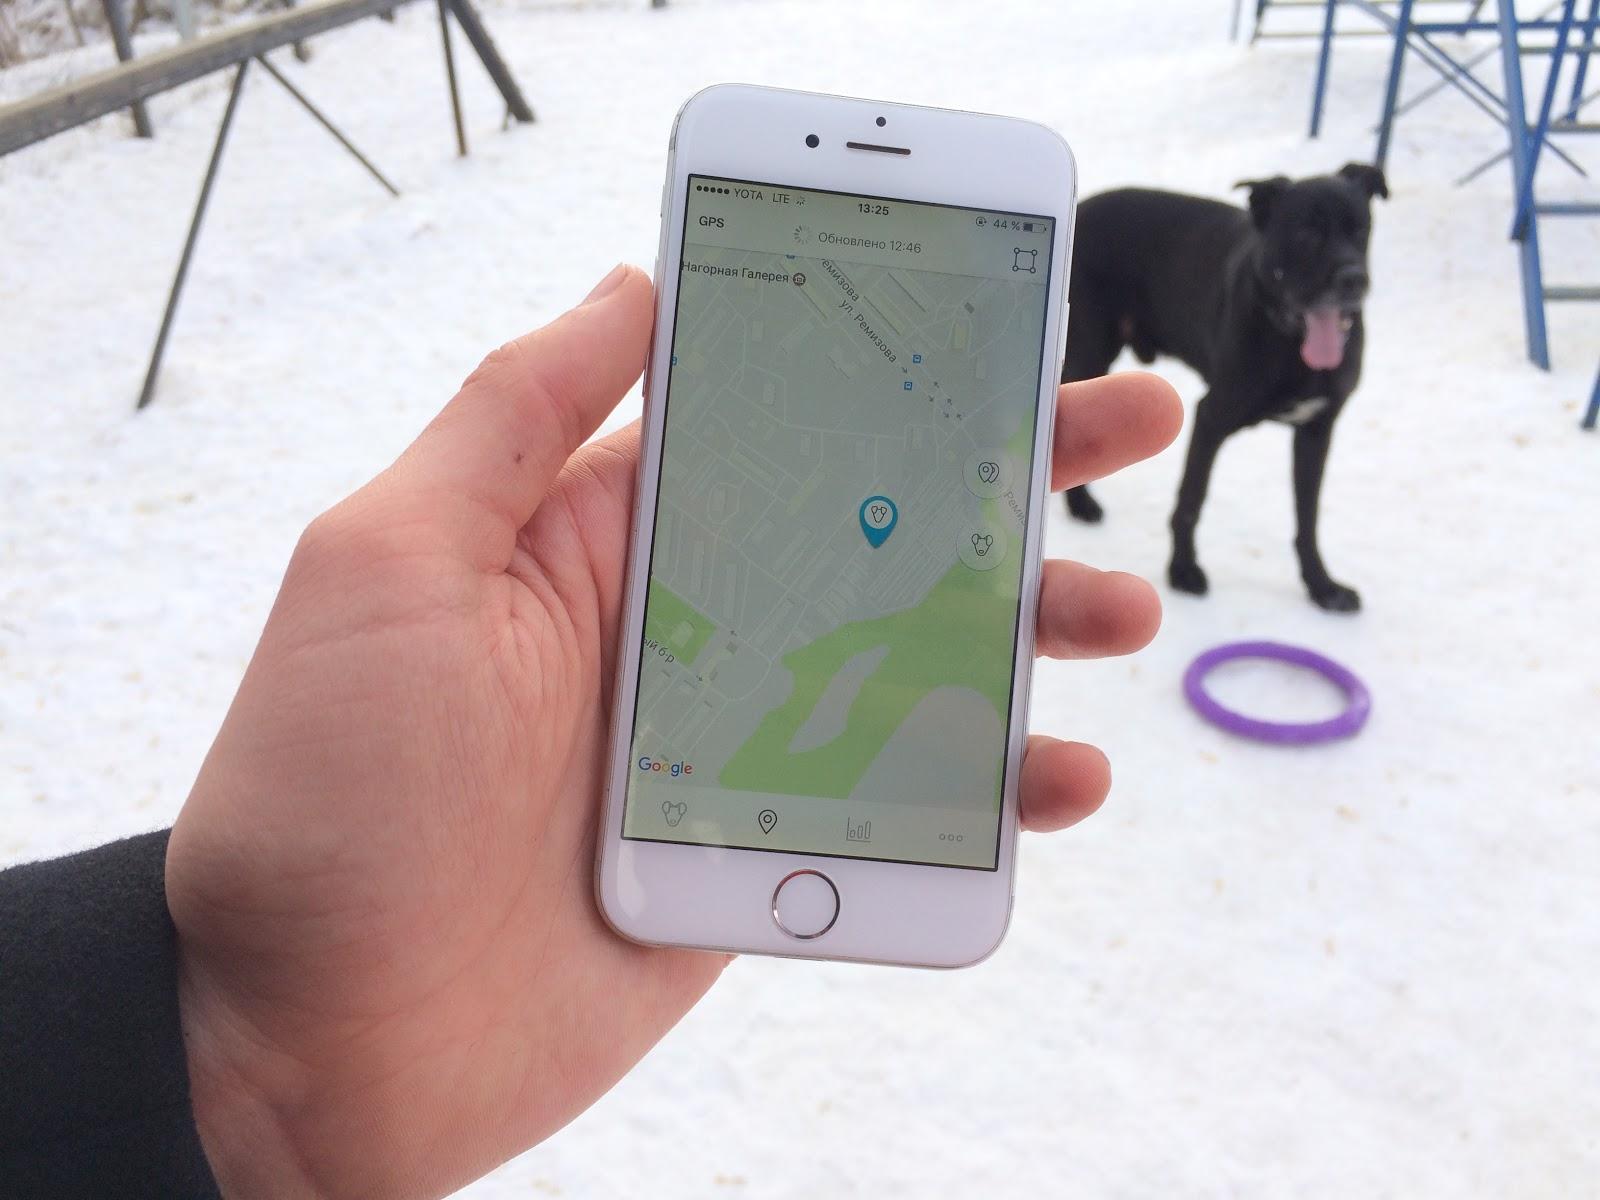 Тестируем на животных: как работает GPS-трекер для собак Mishiko в Москве? - 8